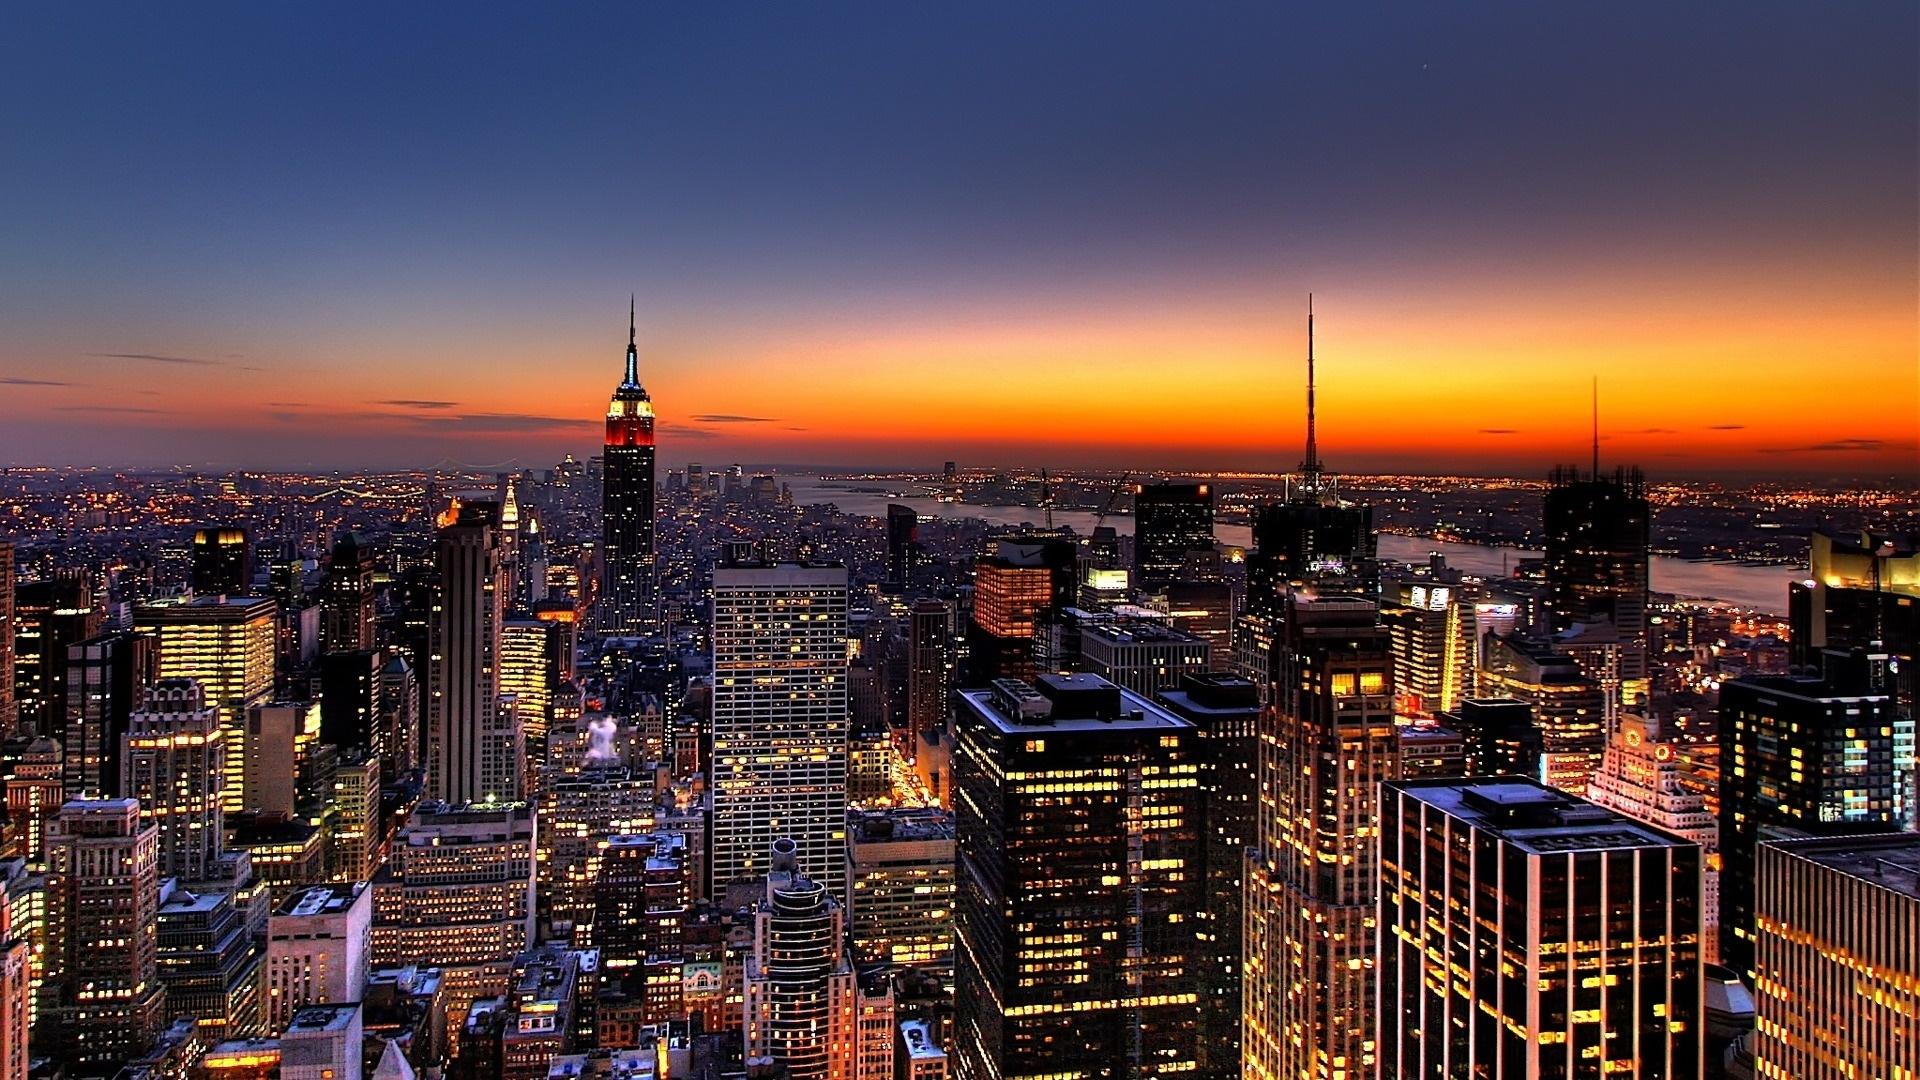 Sfondi New York Notte Grattacieli Vista Dall Alto 1920x1080 4kwallpaper 652590 Sfondi Gratis Wallhere